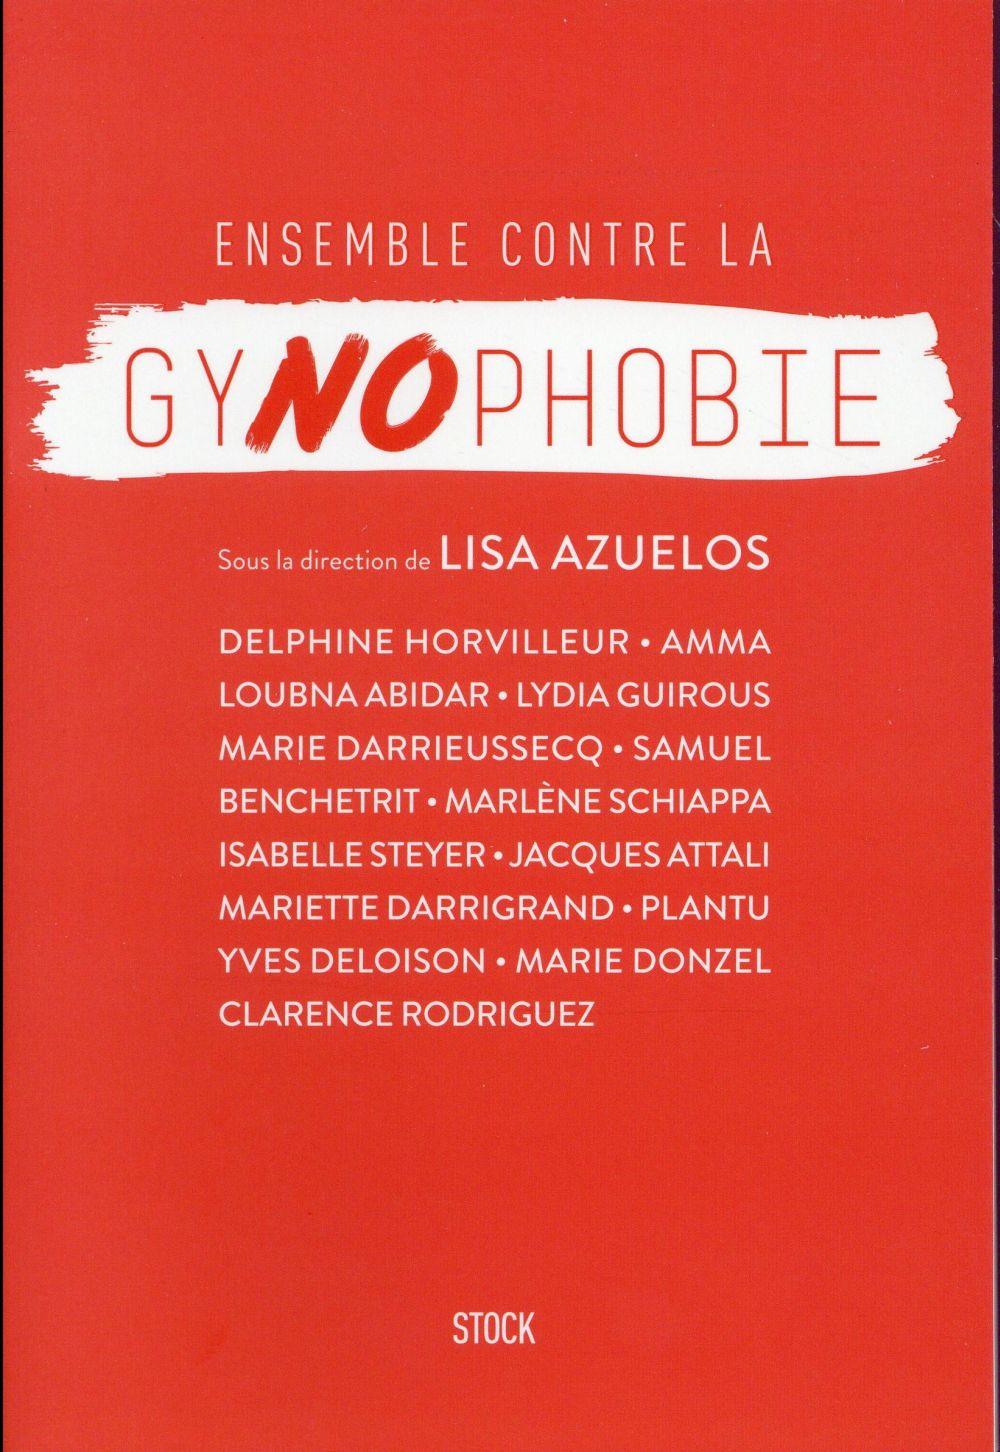 Ensemble contre la gynophobie